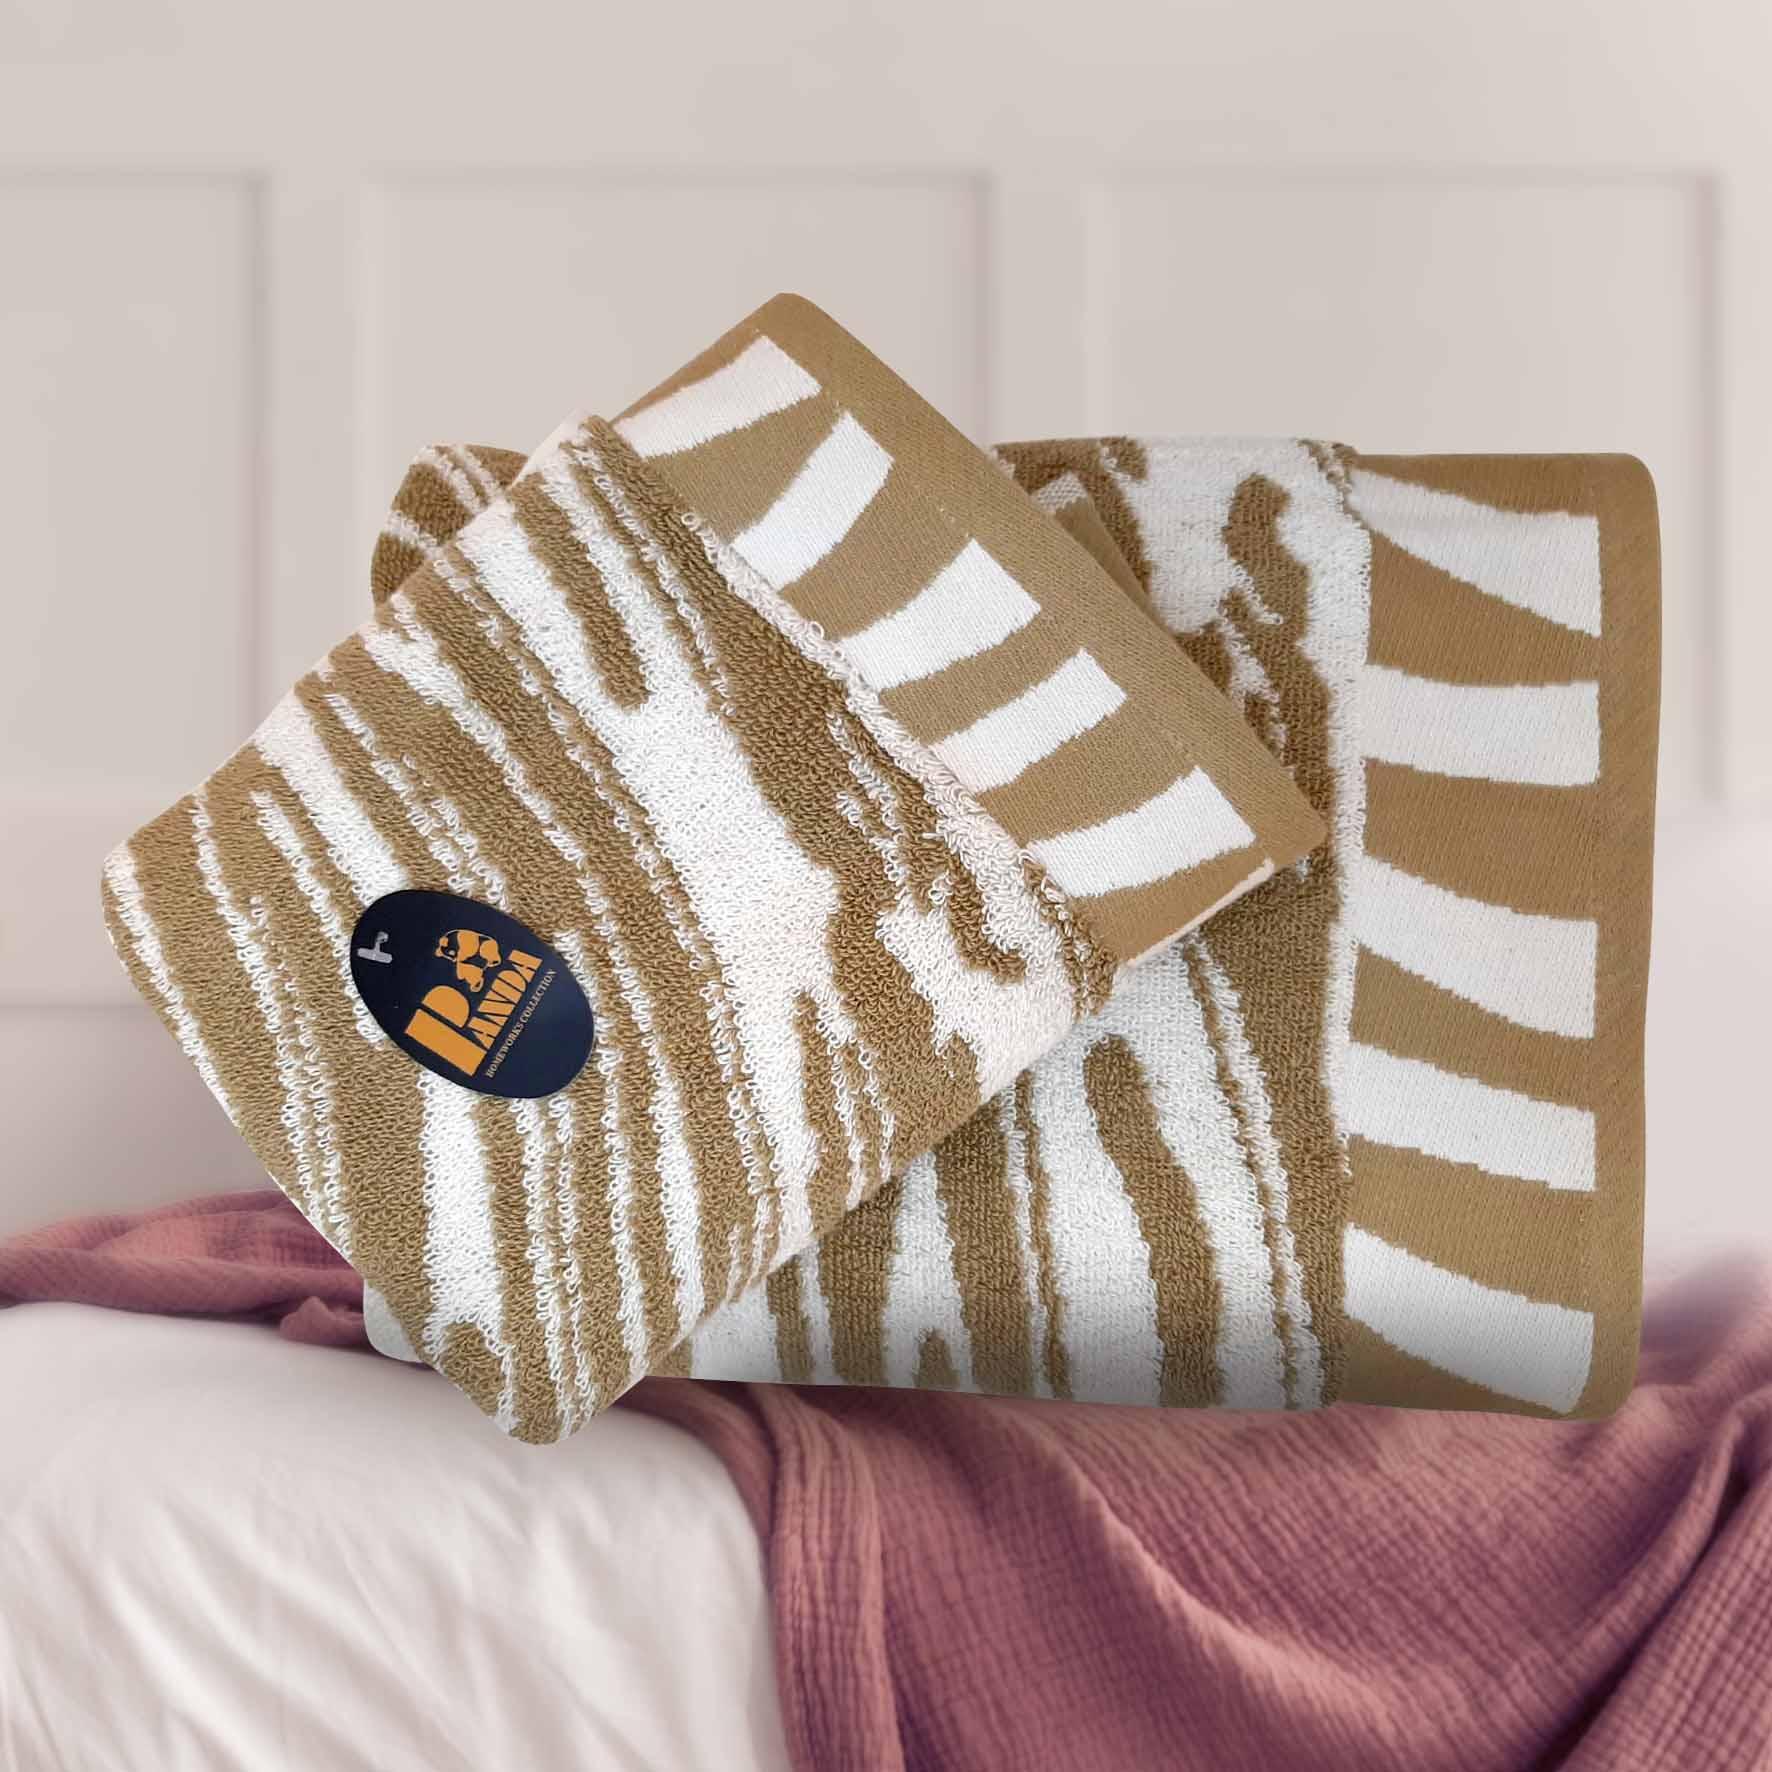 מגבת גולף מבית פנדה צבע בז' זהב